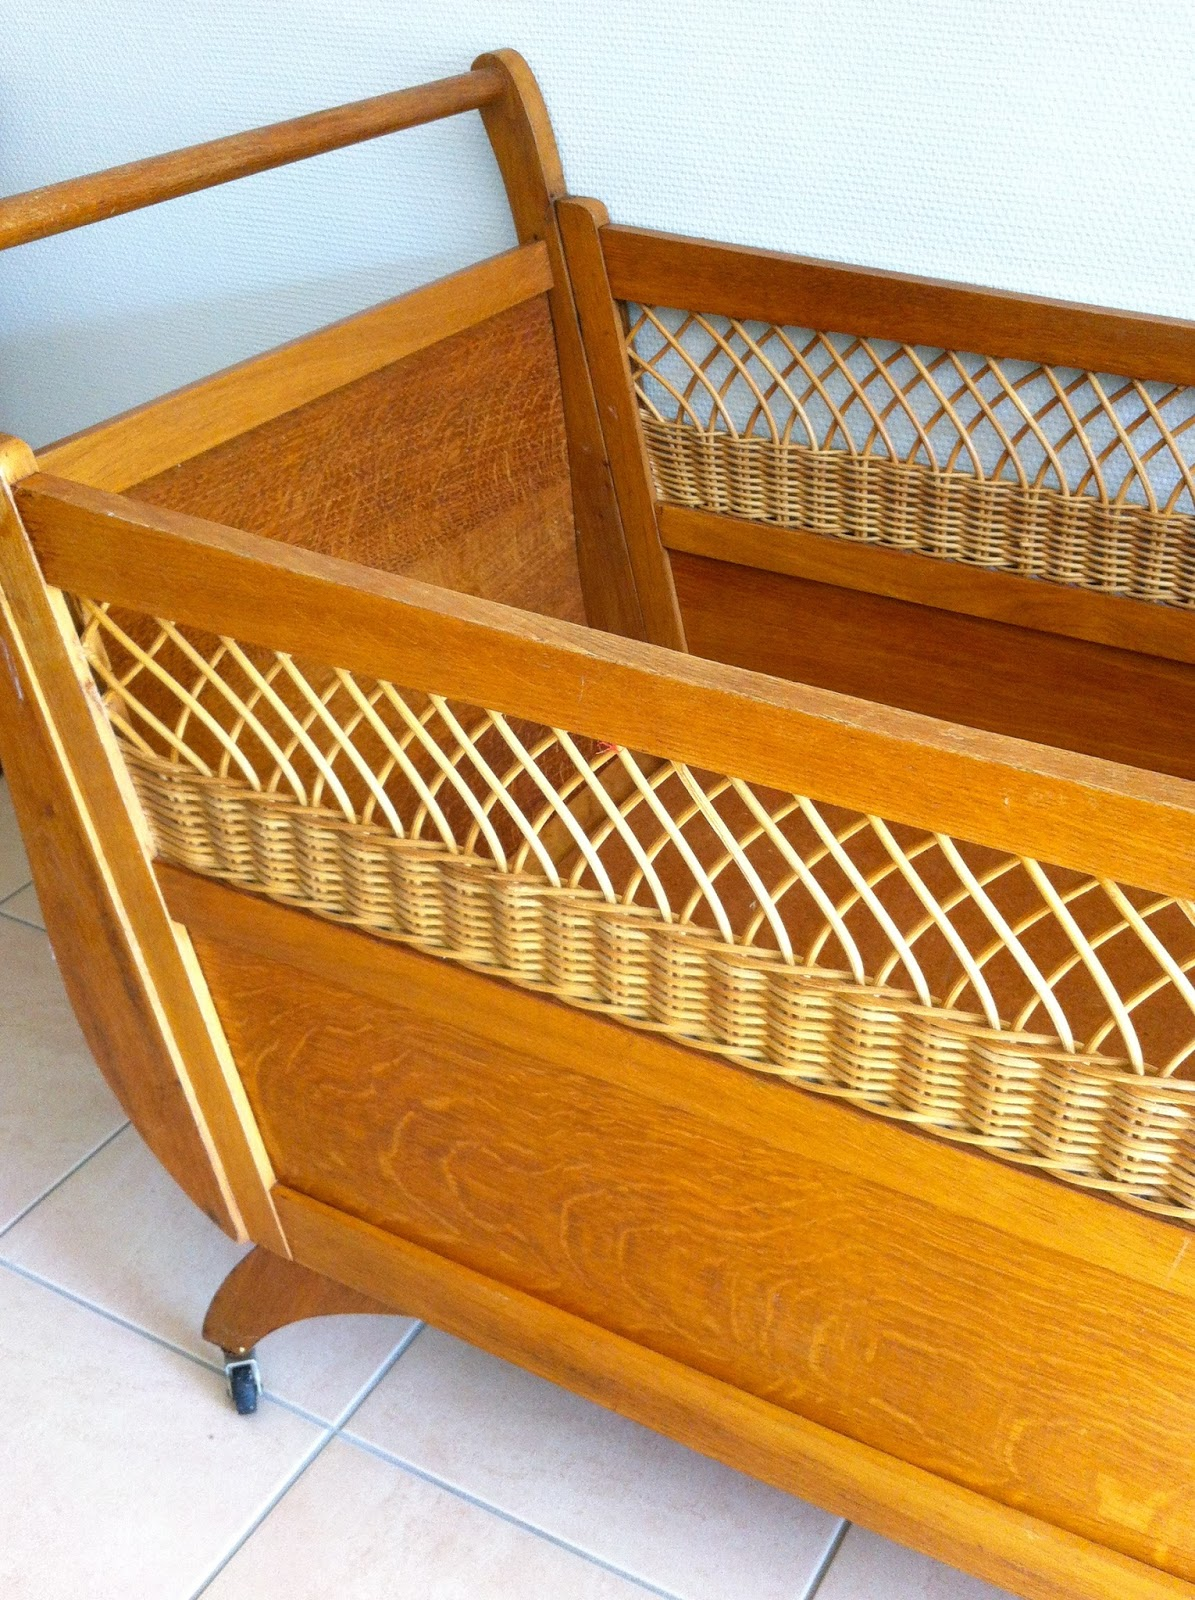 m m marcelle lit enfant vintage. Black Bedroom Furniture Sets. Home Design Ideas